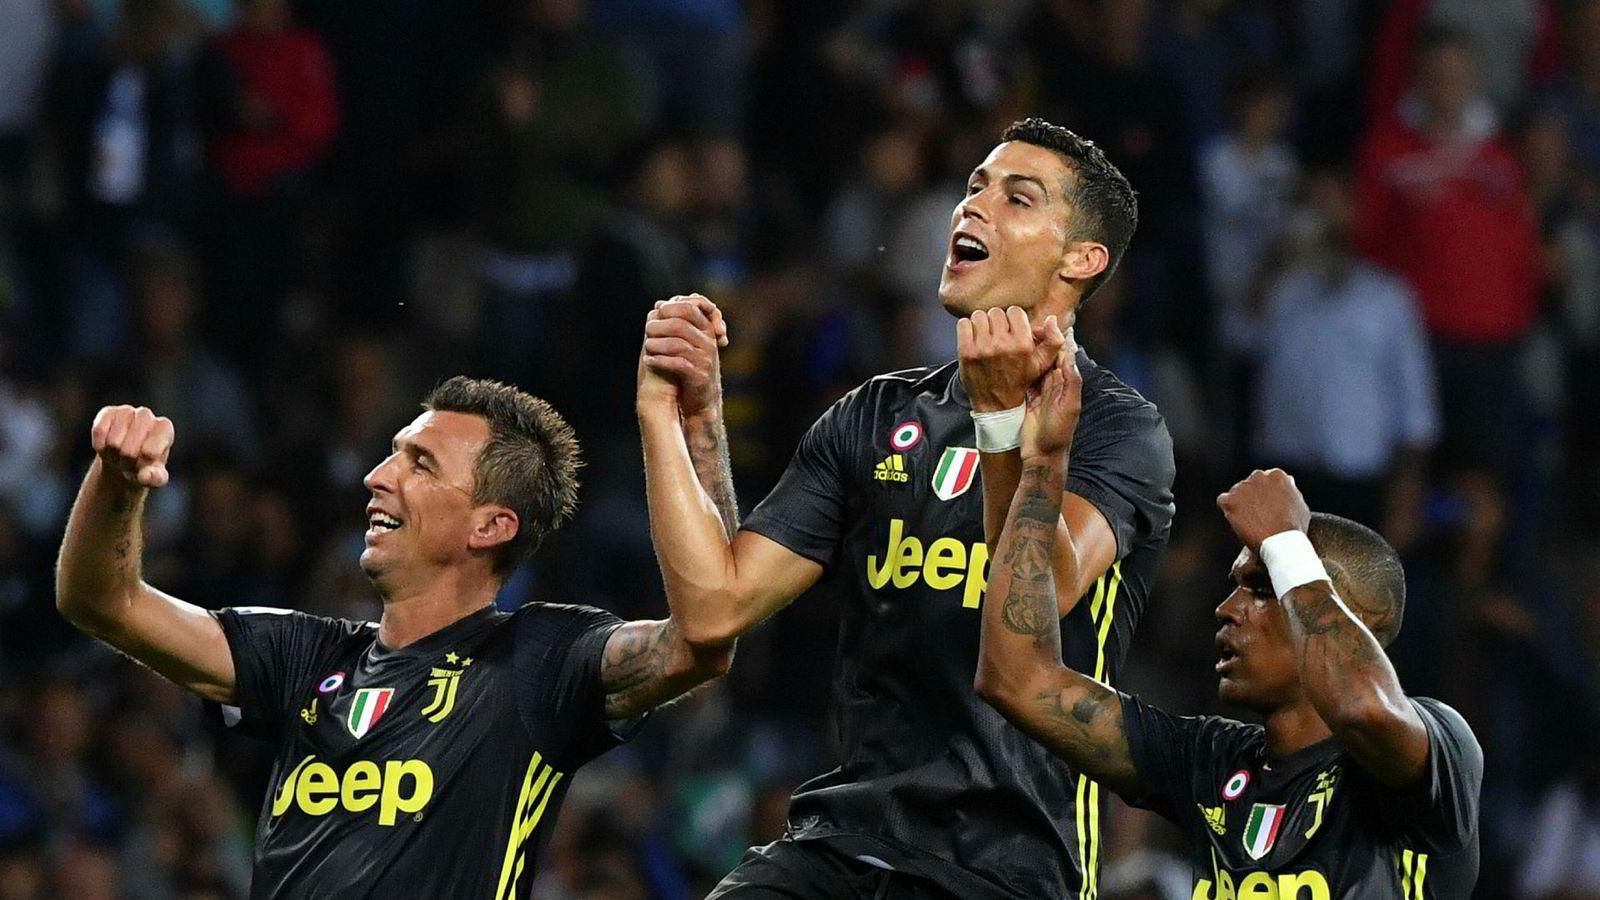 Juventus-spiller Cristiano Ronaldo (i midten) er en av de største trekkplastrene i årets Champions League, som TV 2 deler rettighetene til sammen med NENT.